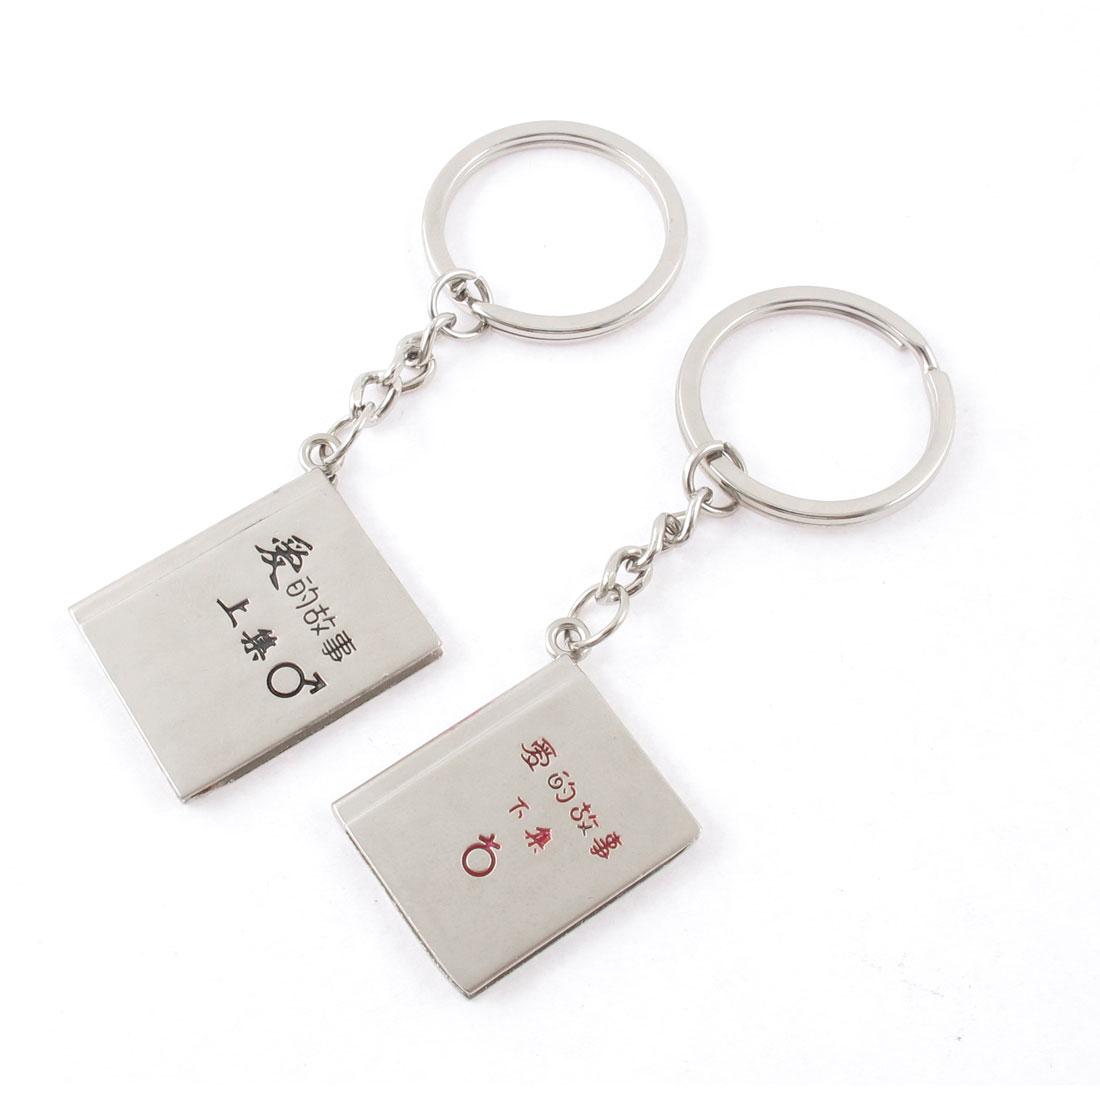 2 Pcs Rectangle Book Shape Pendant Couple Split Ring Keychain Keyring Silver Tone